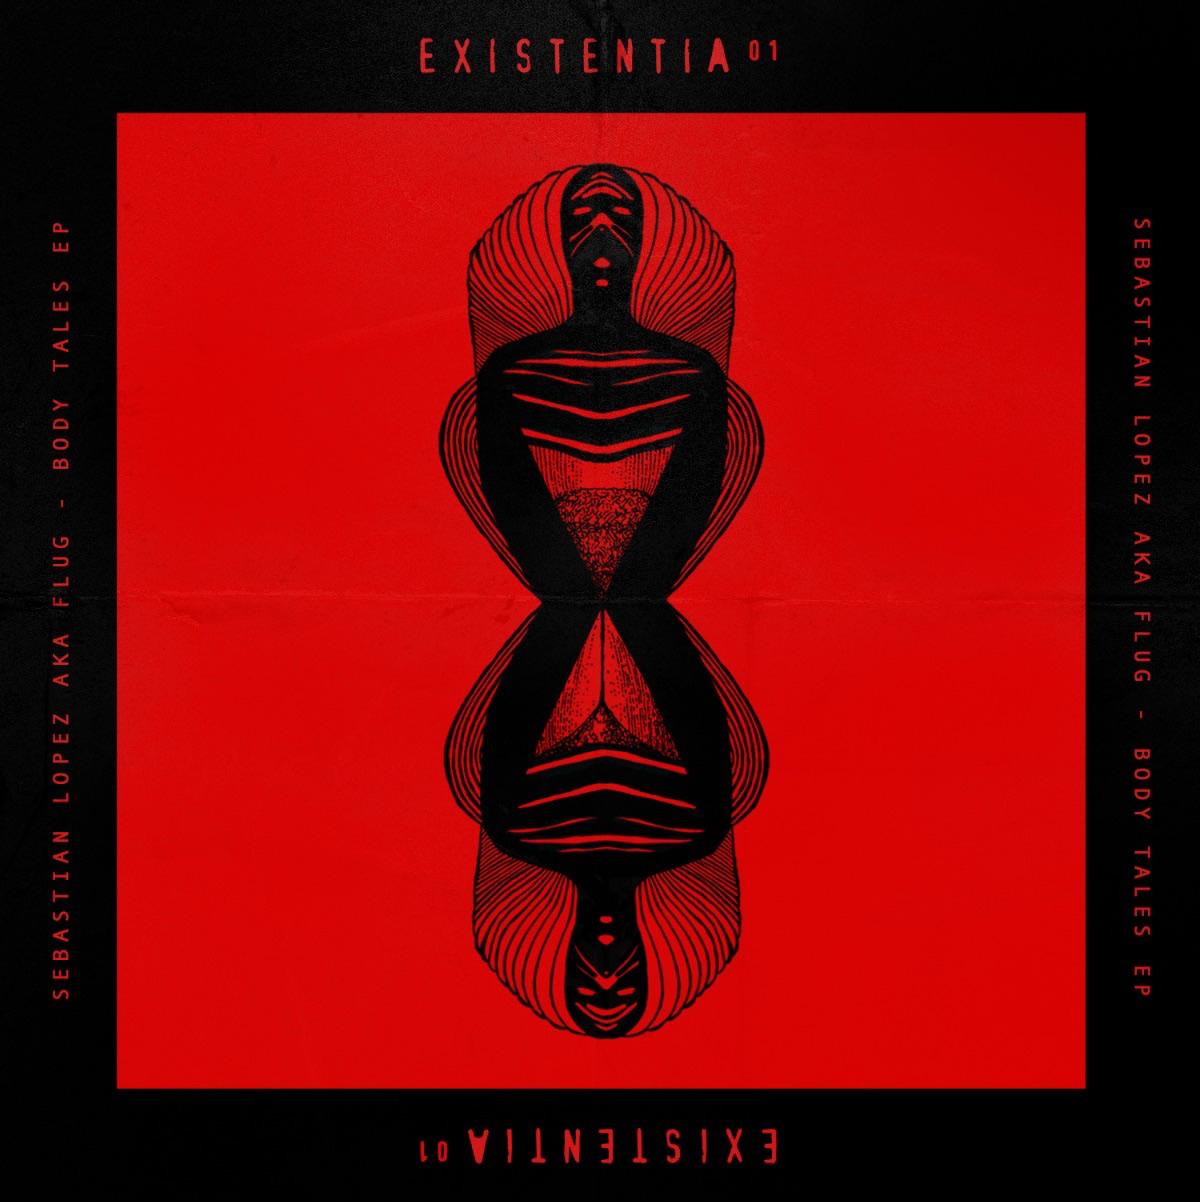 Existentia-001.jpg